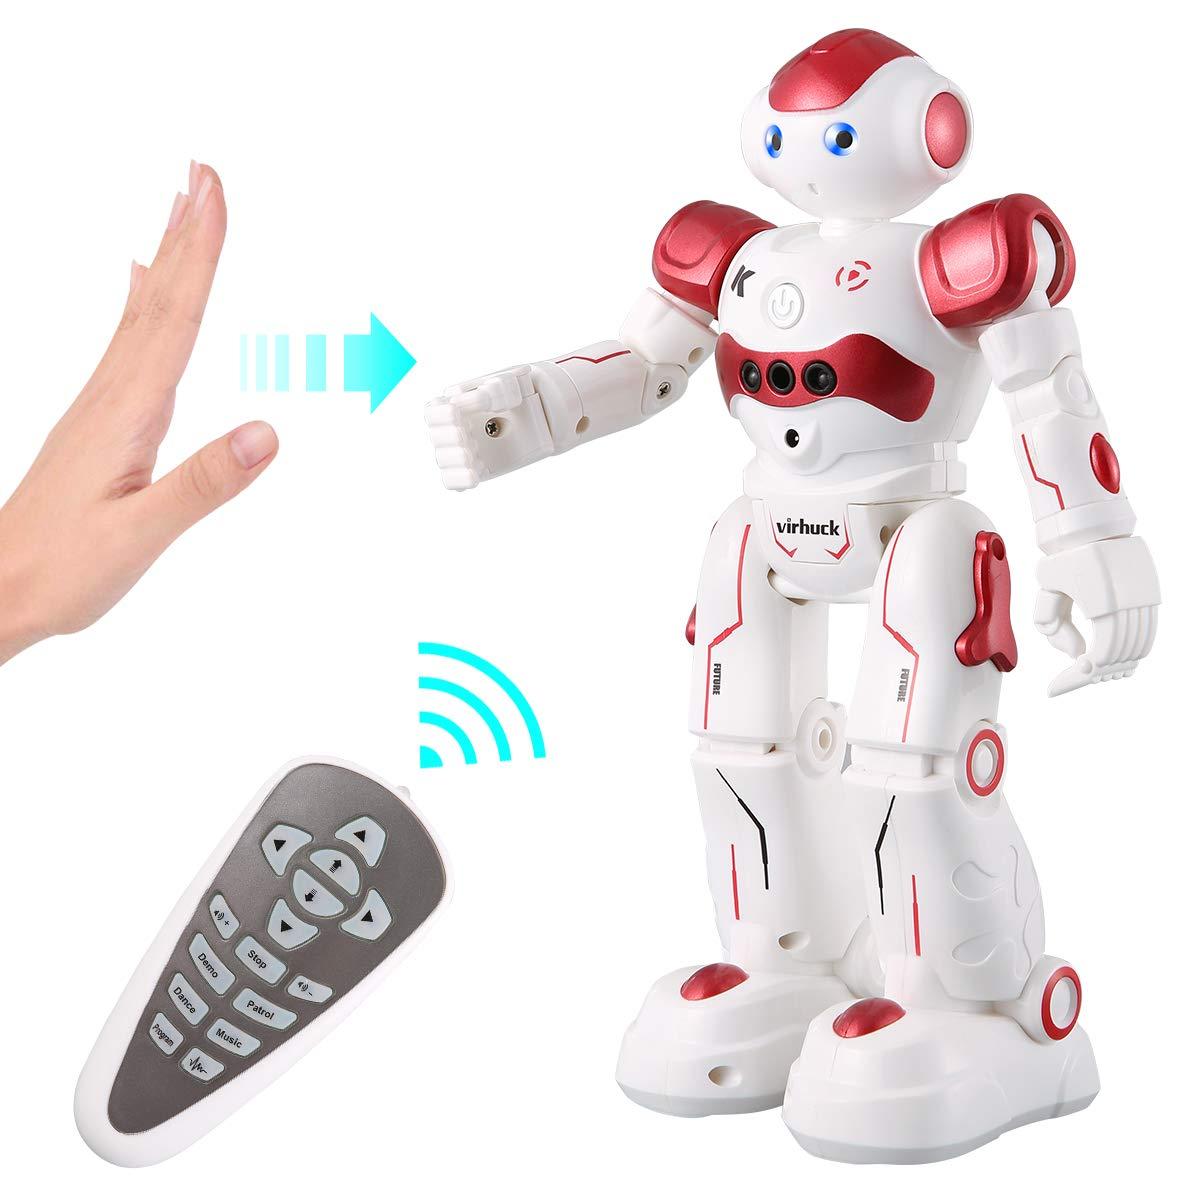 Virhuck R2 Robots de Radiocontrol, Robots de Programación Inteligente Sensación de Gestos, Bailando Cantando Caminando Robotica para Niñ...